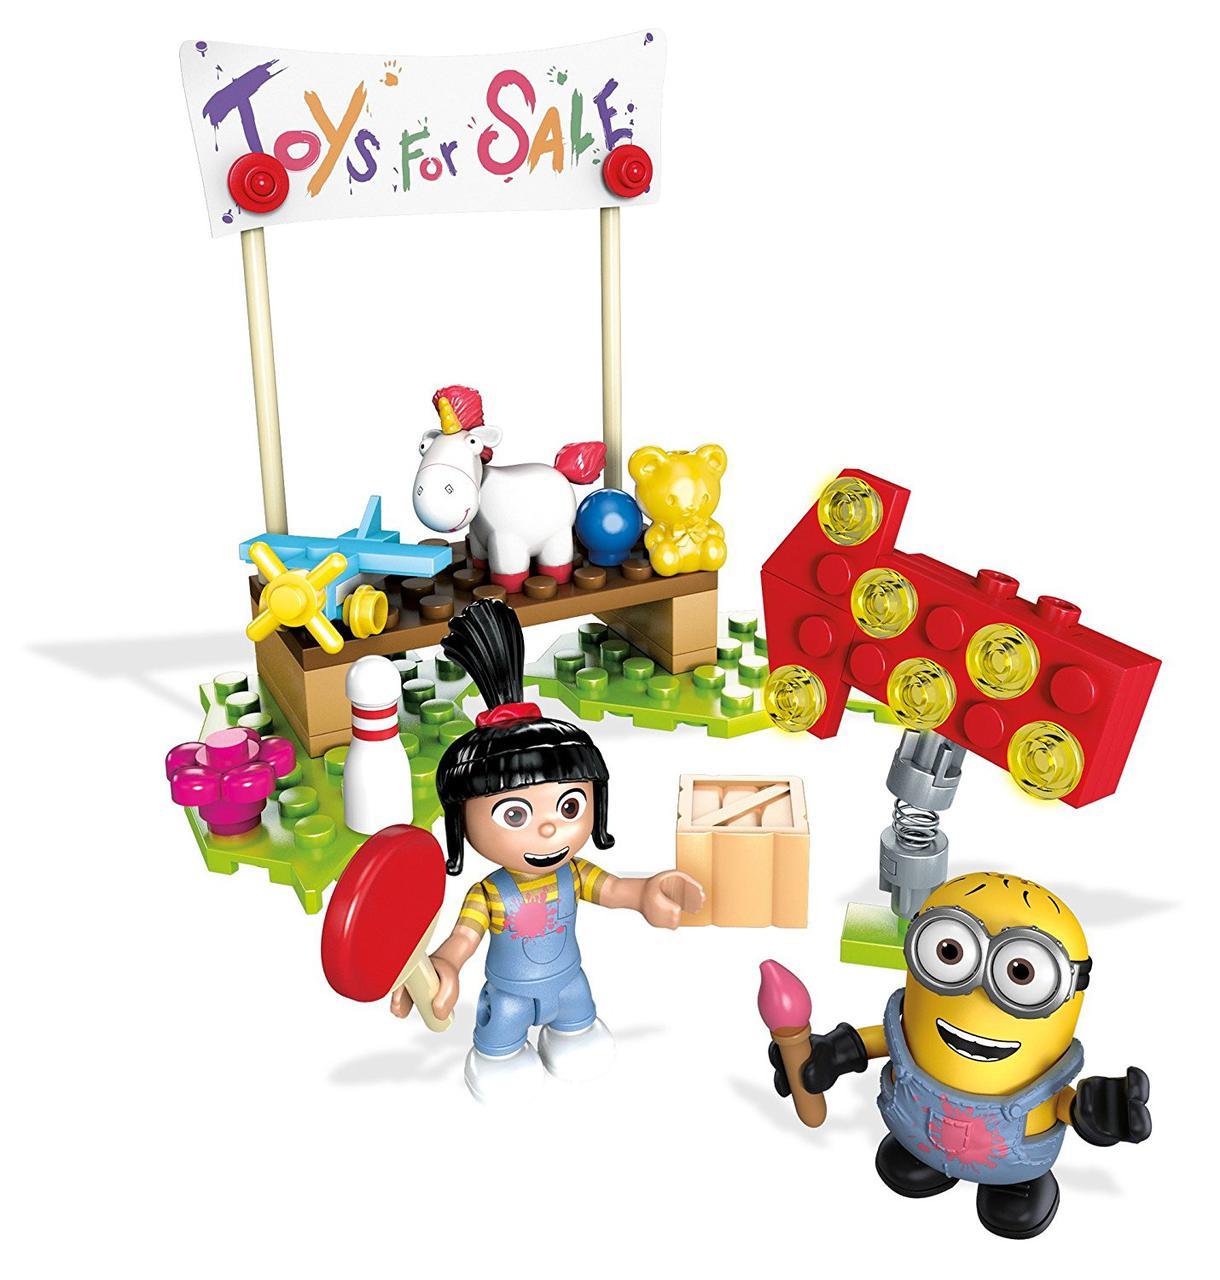 """Конструктор Мега Продажа игрушек у Агнес Mega Construx Despicable Me Agnes Toy Sale - Интернет магазин """"COOL-DOLL"""" в Запорожье"""